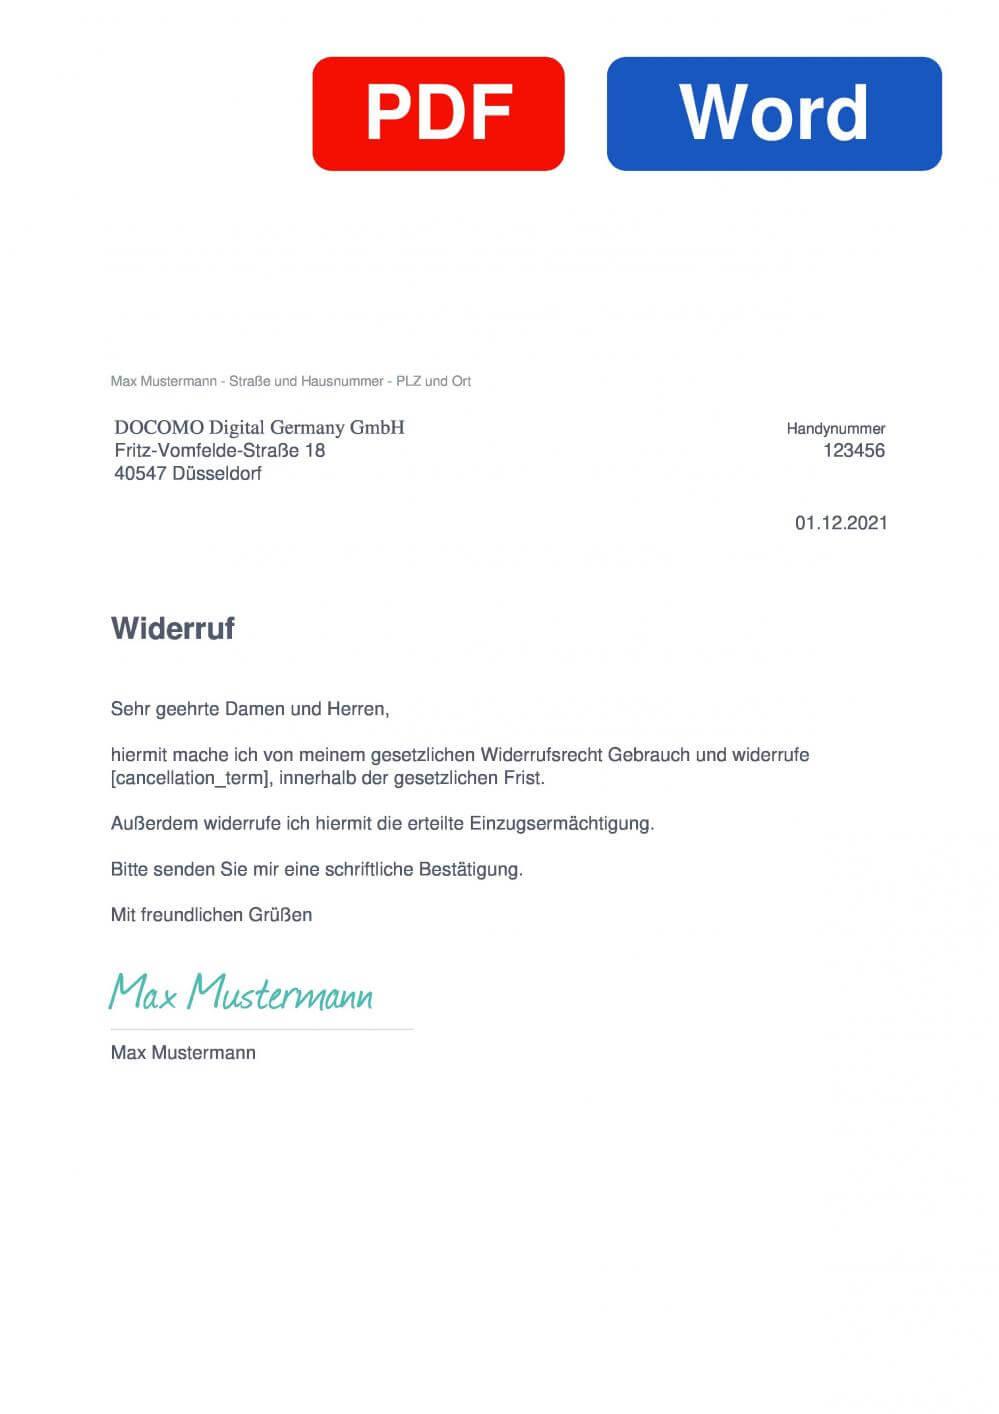 DOCOMO Muster Vorlage für Wiederrufsschreiben